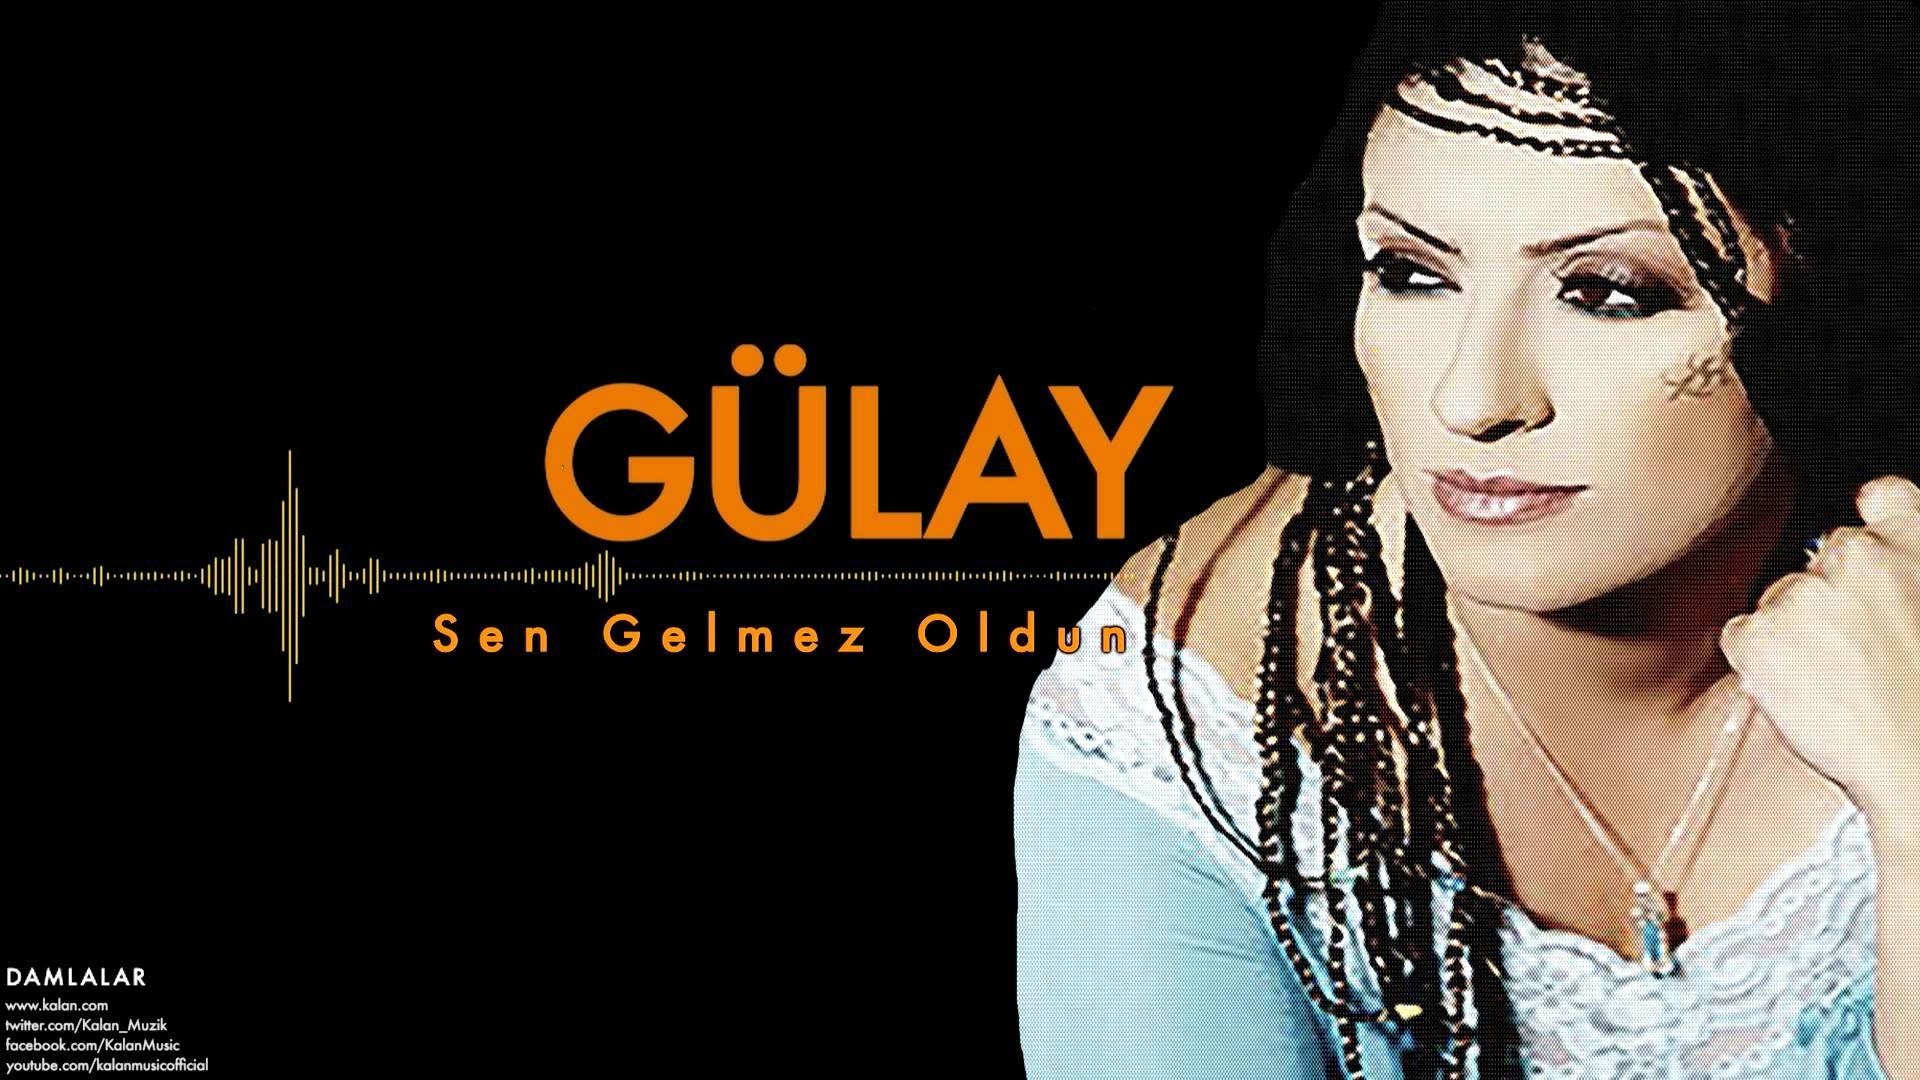 Gulay Sen Gelmez Oldun Damlalar C 2000 Kalan Muzik Youtube Muzik Sarisin Gelin Sarkilar